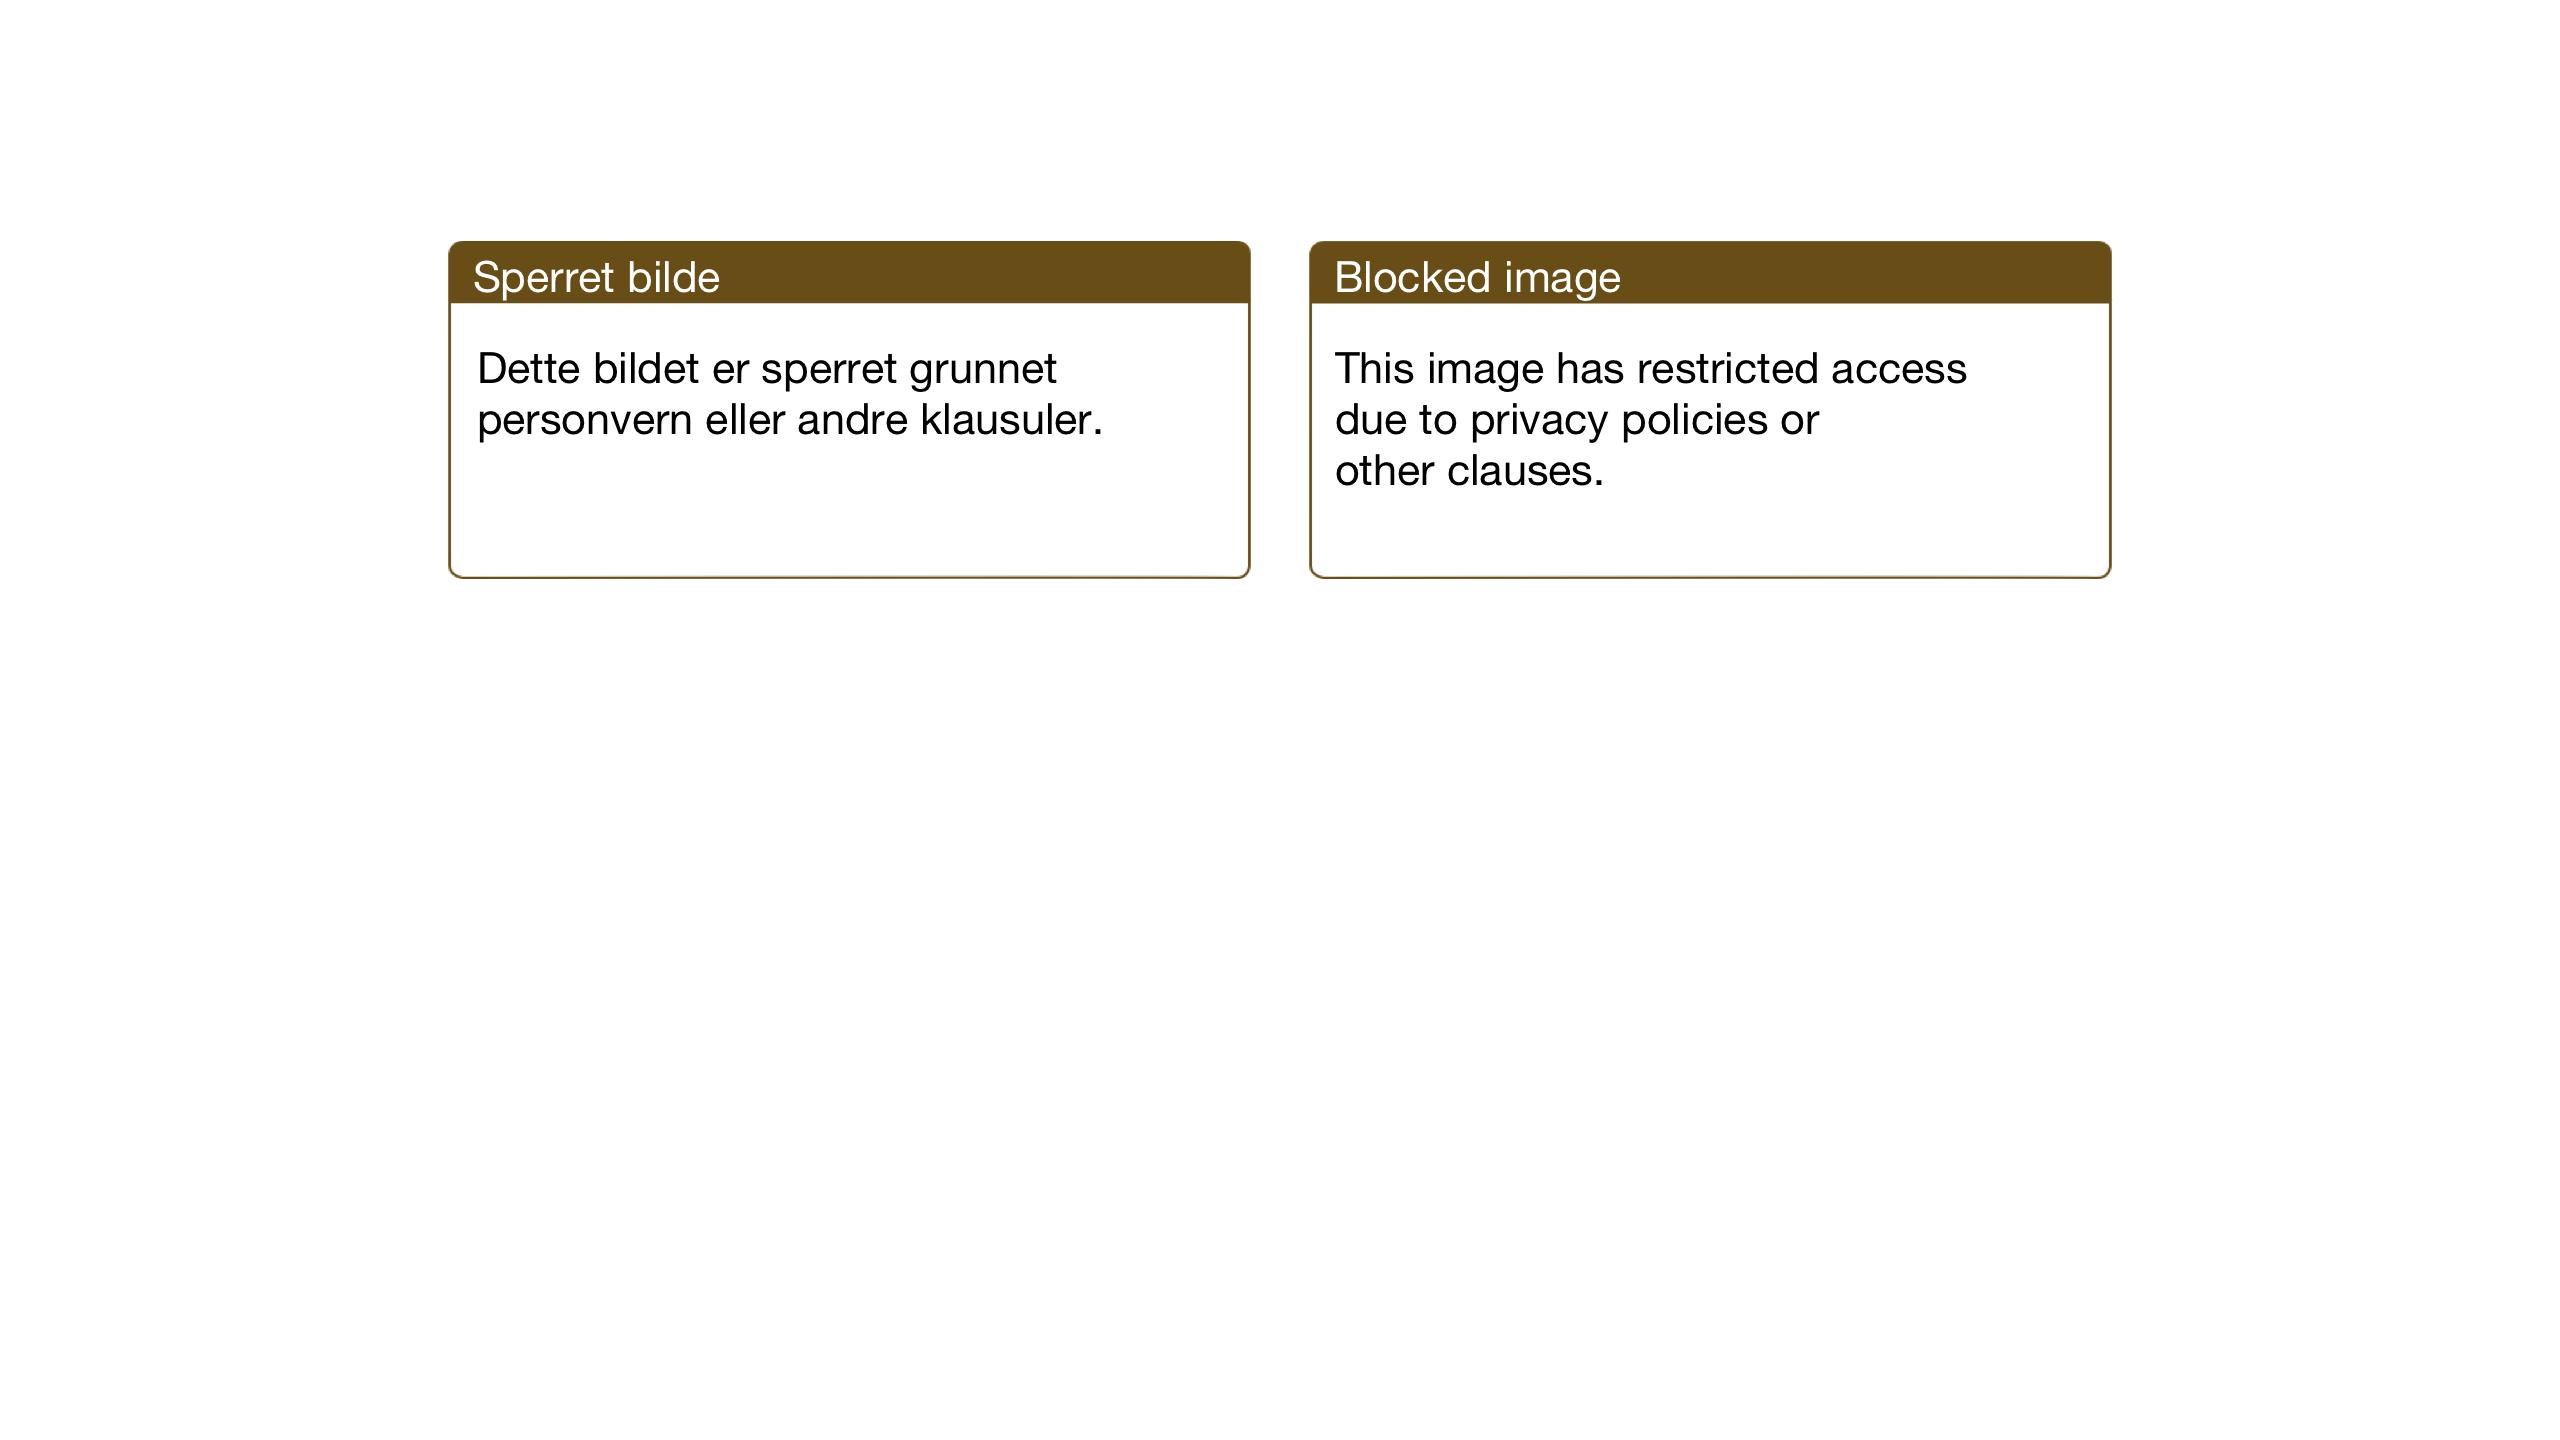 SAT, Ministerialprotokoller, klokkerbøker og fødselsregistre - Sør-Trøndelag, 641/L0599: Klokkerbok nr. 641C03, 1910-1938, s. 95